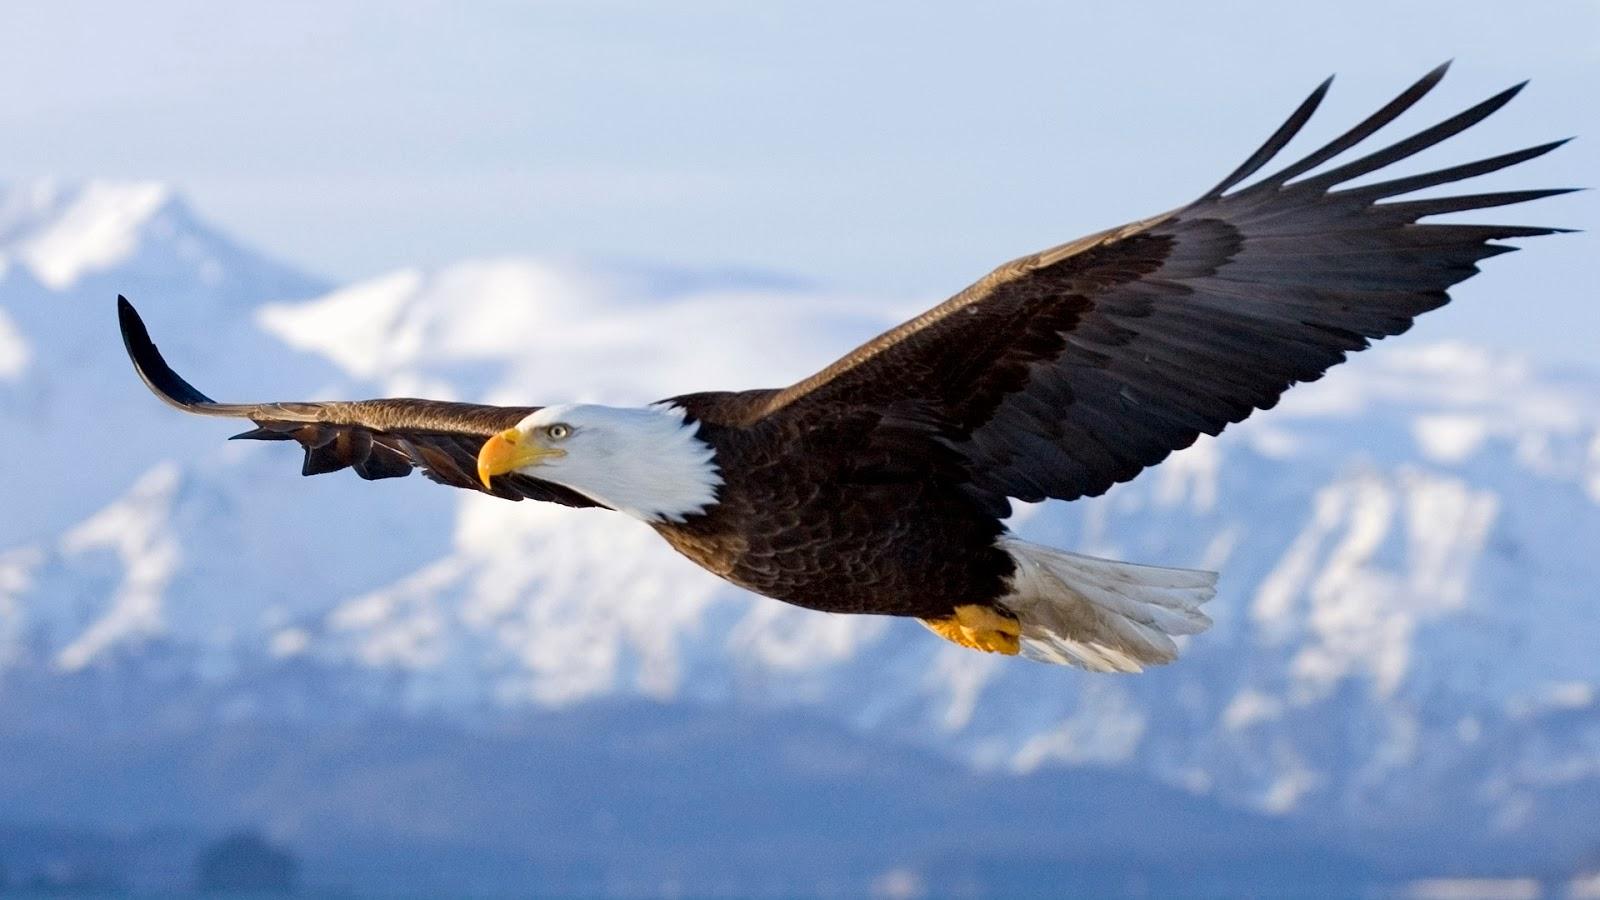 gambar burung - gambar burung elang